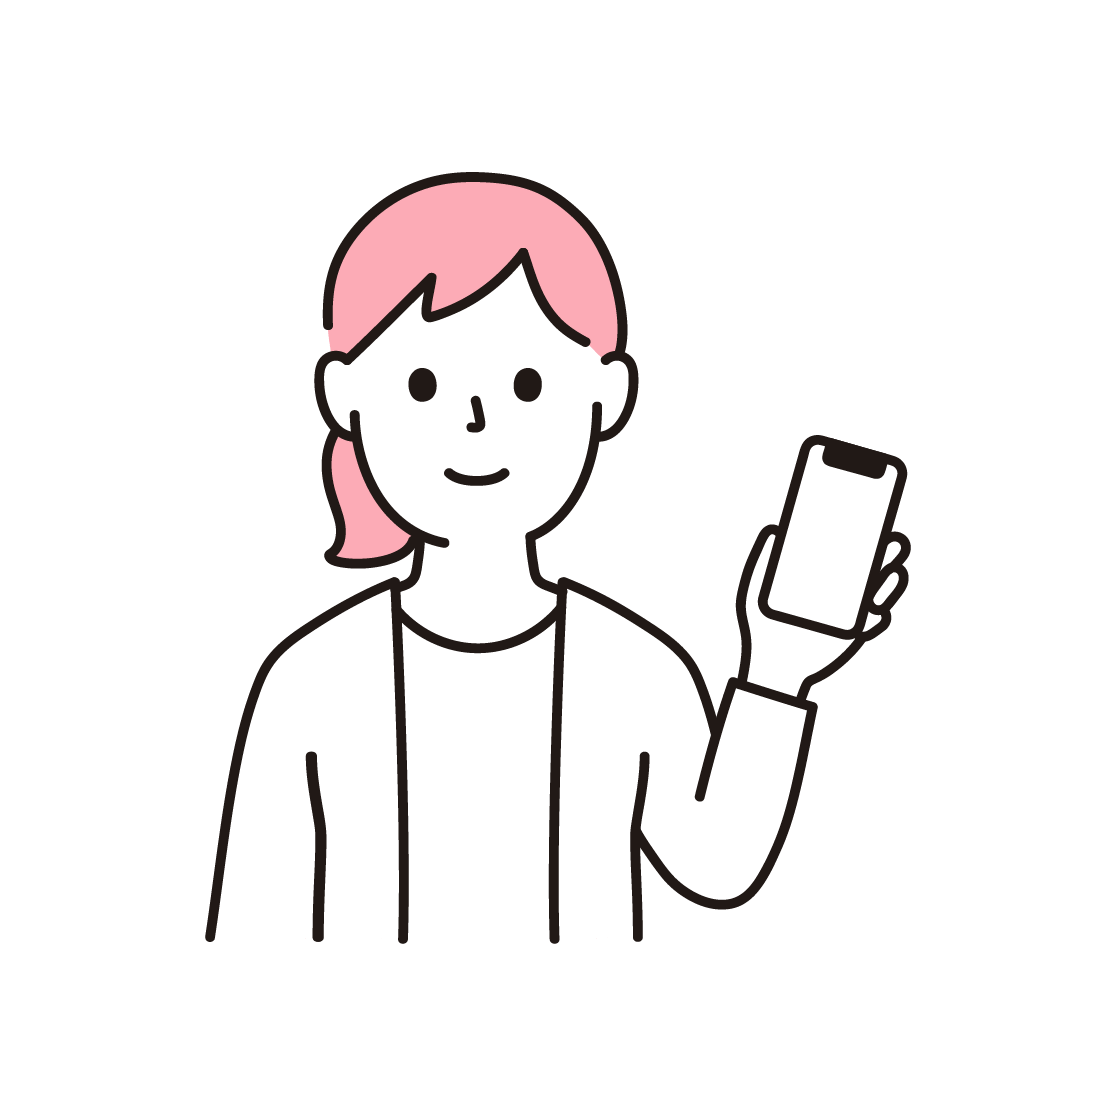 スマホをもつ女性の単色イラスト